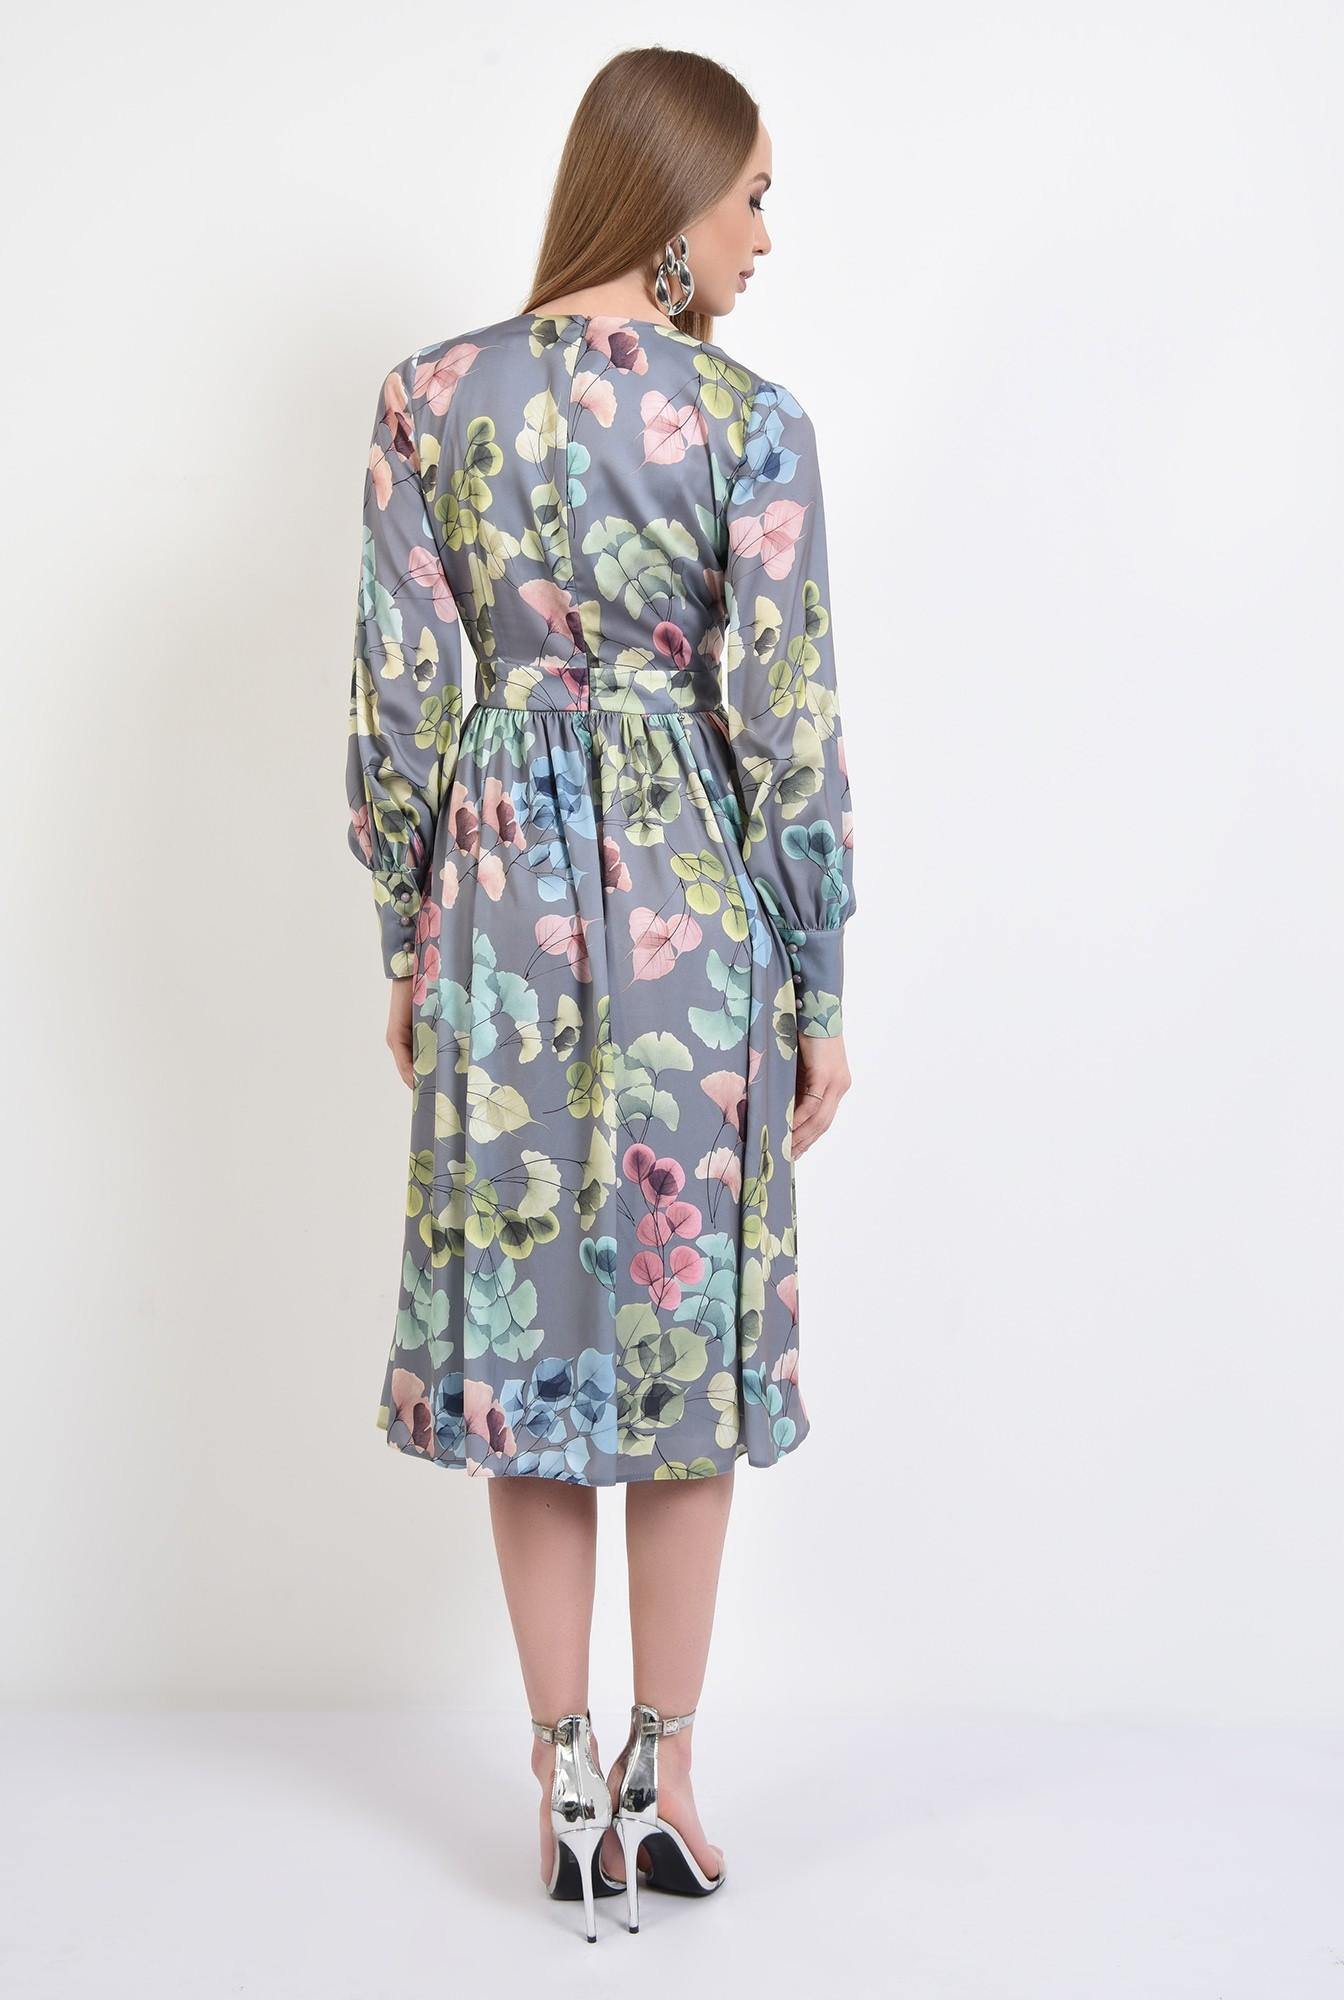 1 - 360 - rochie eleganta, midi, cu flori, maneci lungi, anchior, betelie contur